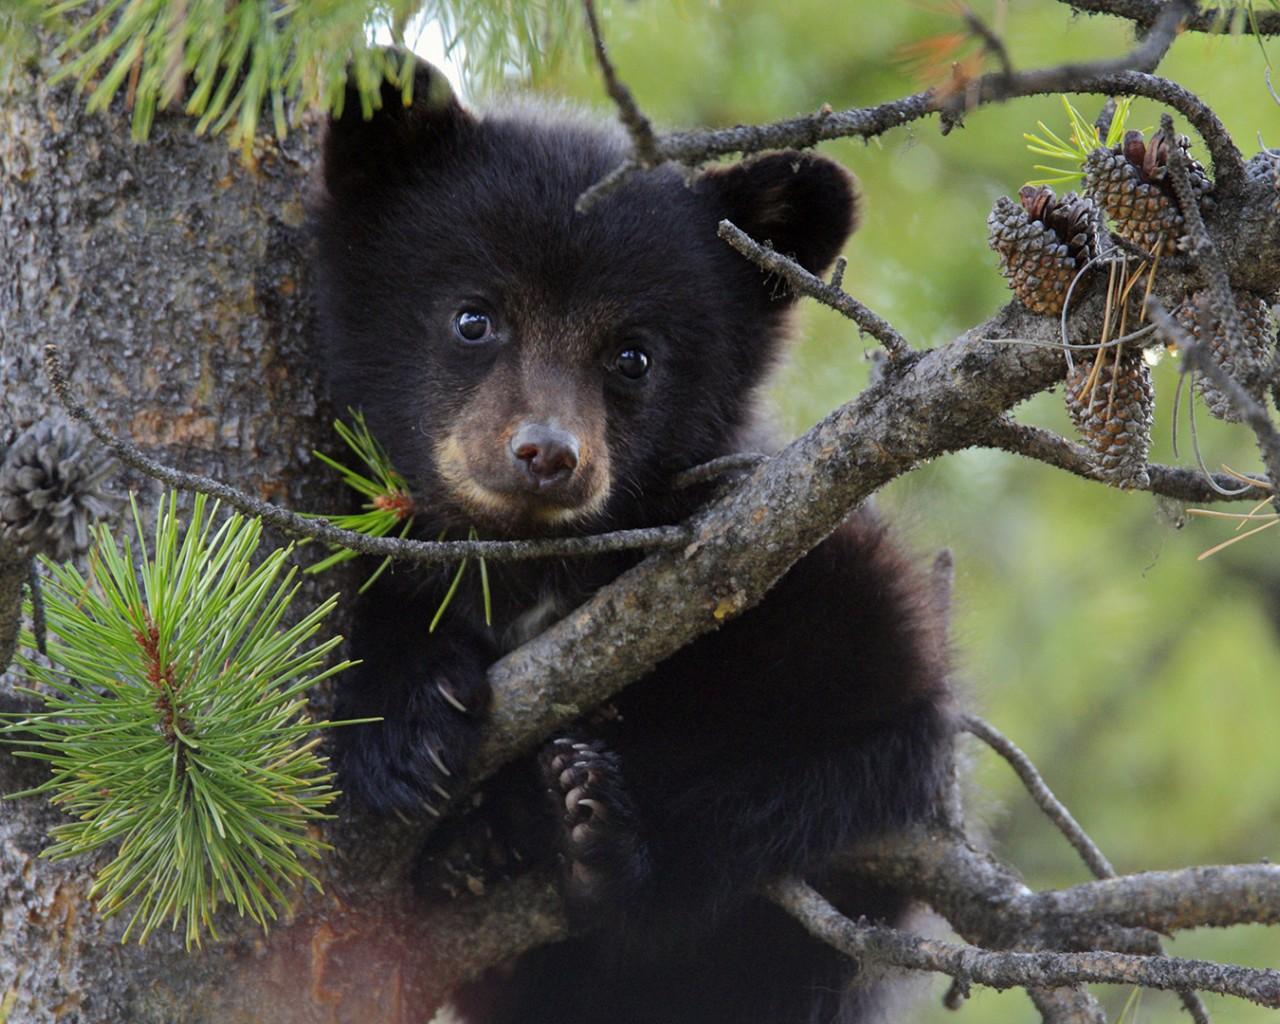 32941 Заставки и Обои Медведи на телефон. Скачать Медведи, Животные картинки бесплатно